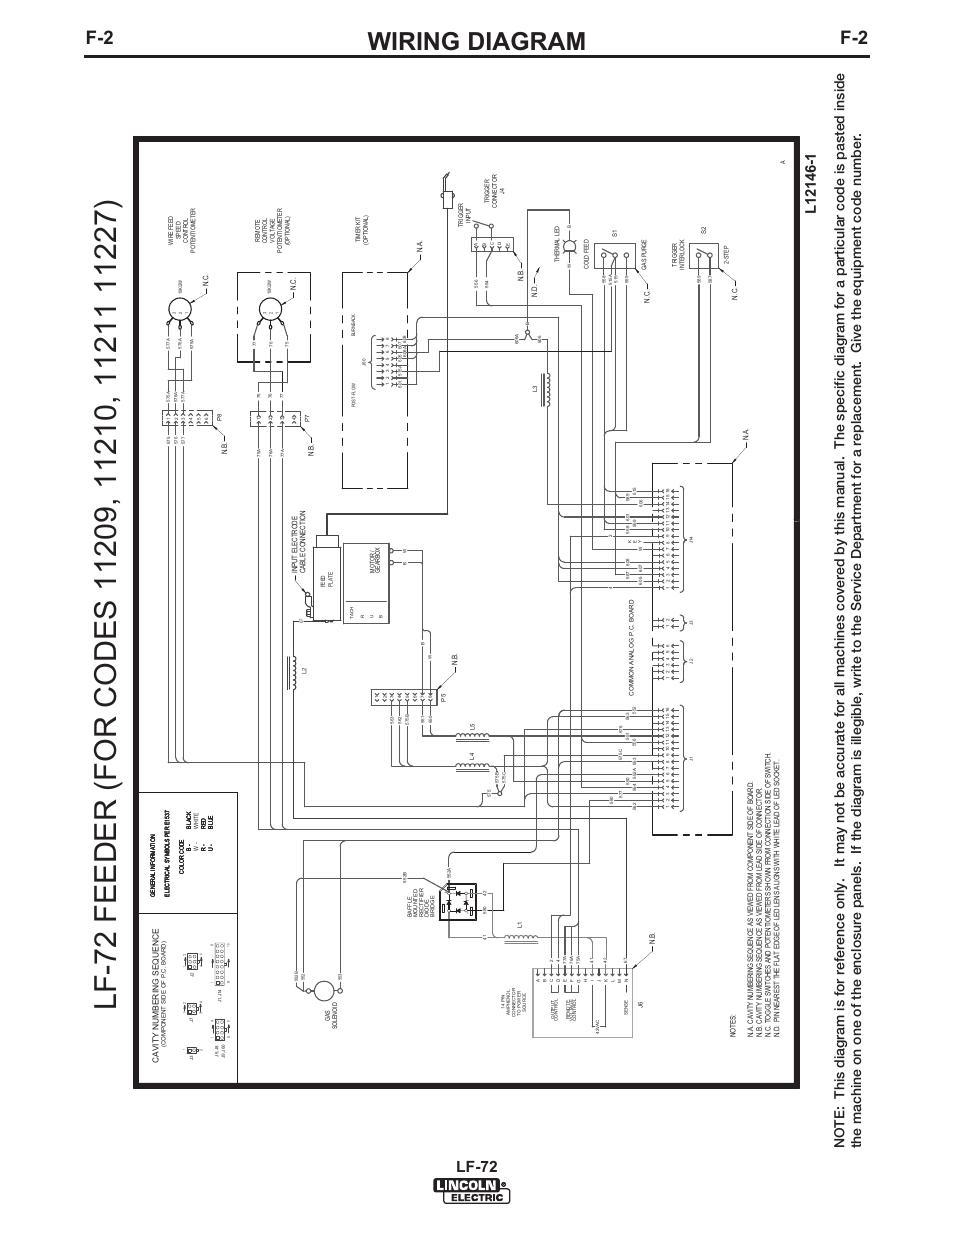 lincoln ln7 wire feeder diagram